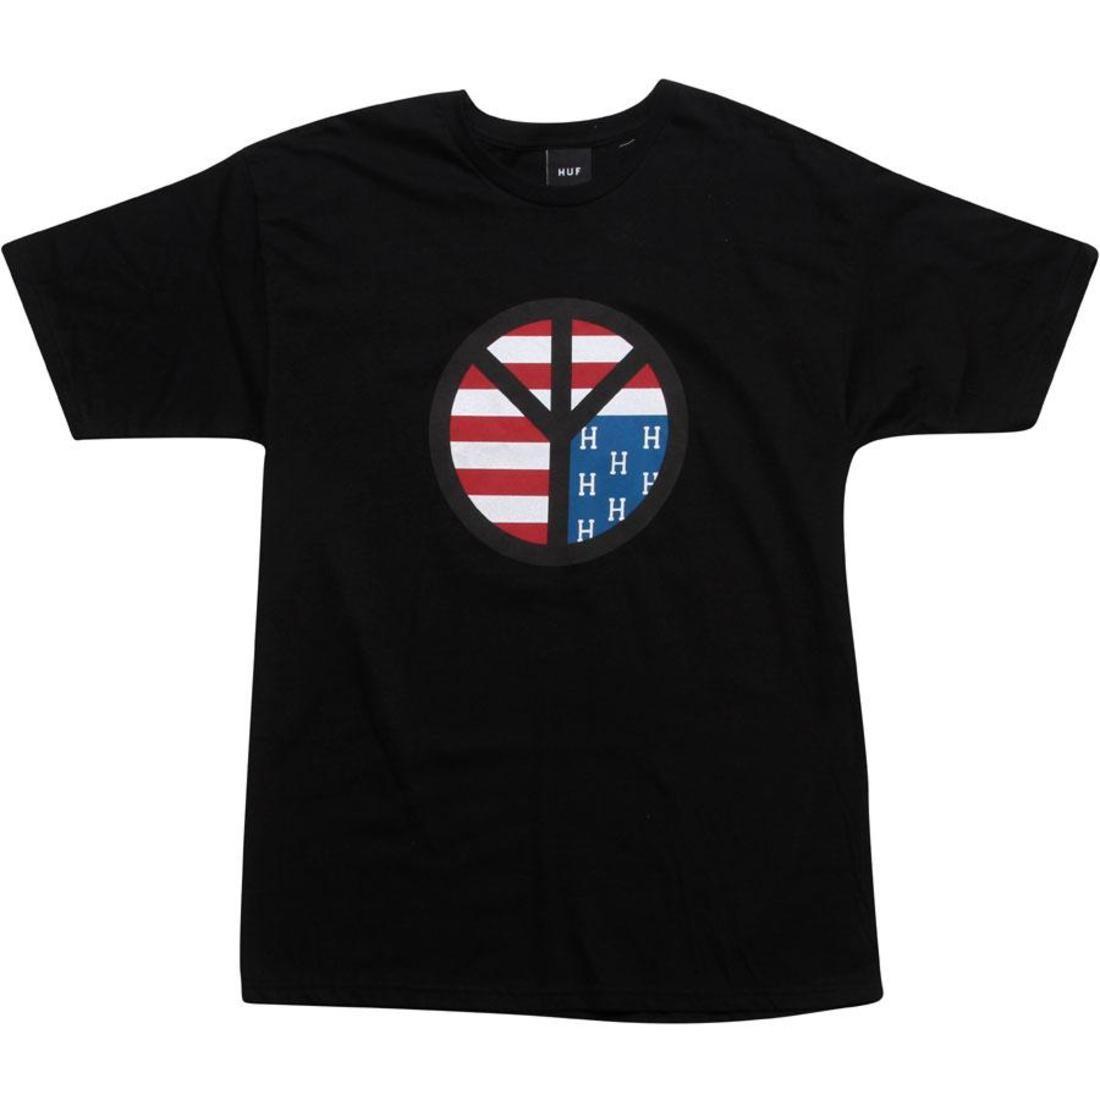 【海外限定】ハフ ダウン Tシャツ カットソー トップス 【 HUF DOWN WITH PEACE TEE BLACK 】